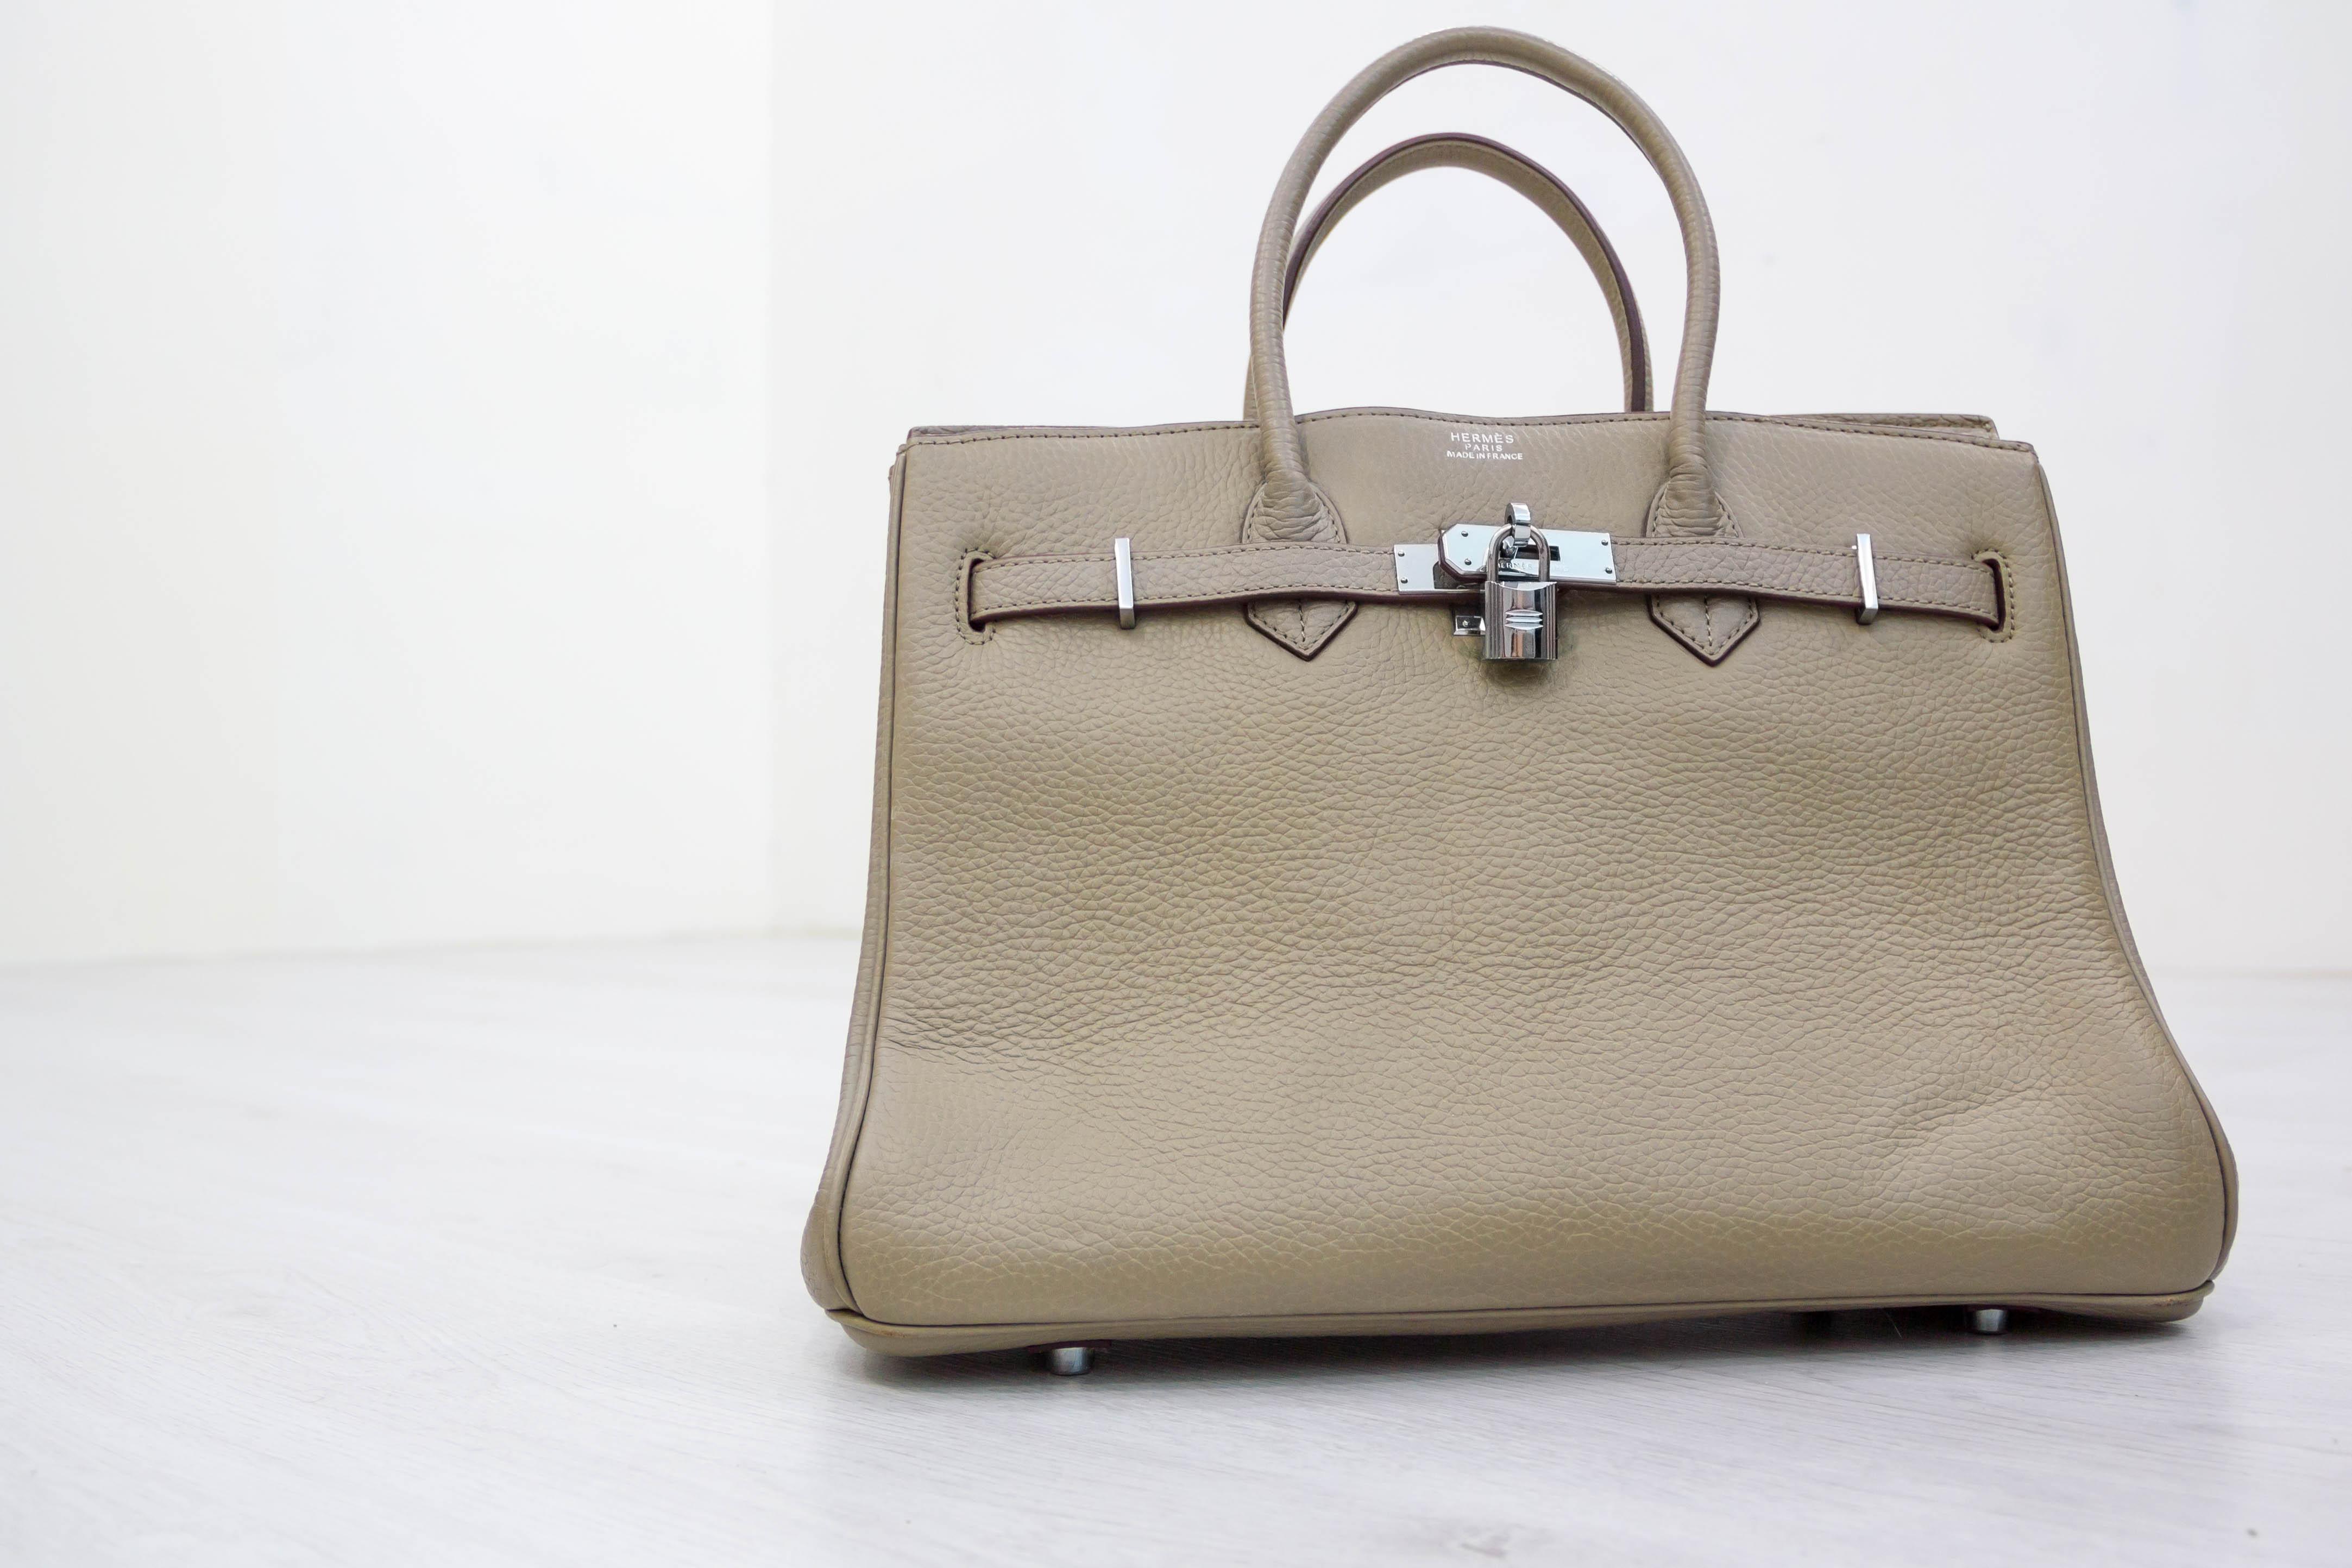 94445cf5948bc Birkin Bag - torebka zwana pożądaniem | Patent na kreatywność |Toruń |  Prawo autorskie Znaki towarowe